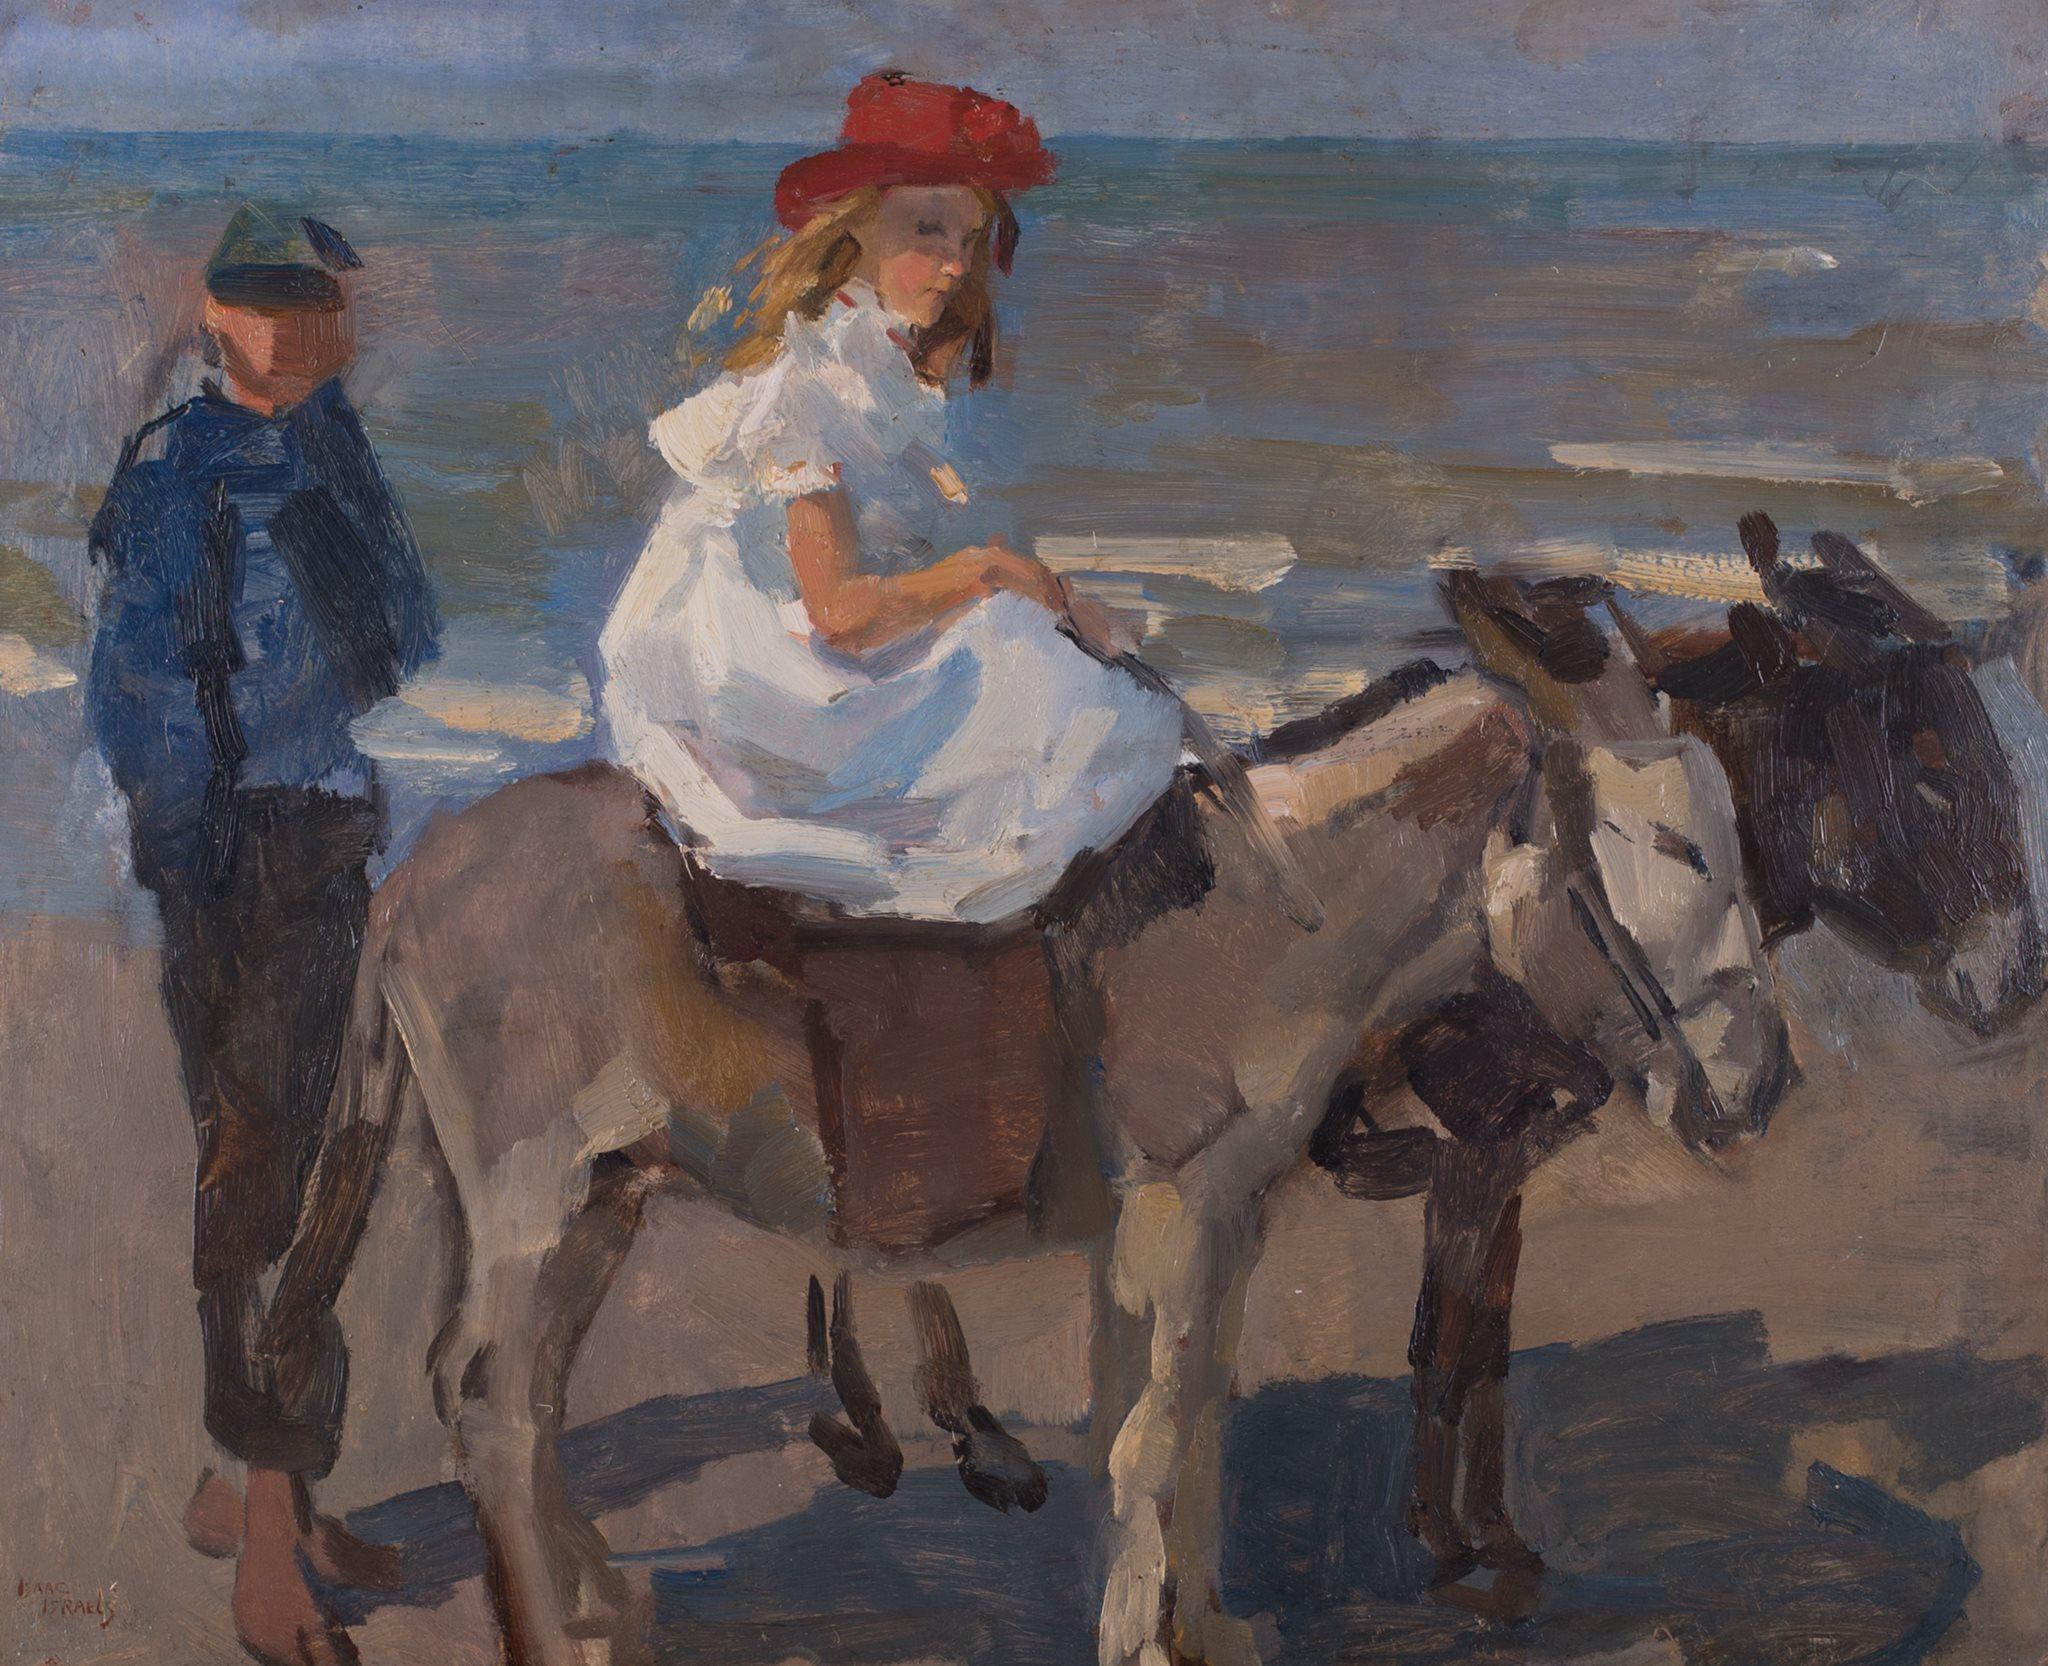 Donkey-Ride on Scheveningen Beach - Part of the Albricht Exhibition